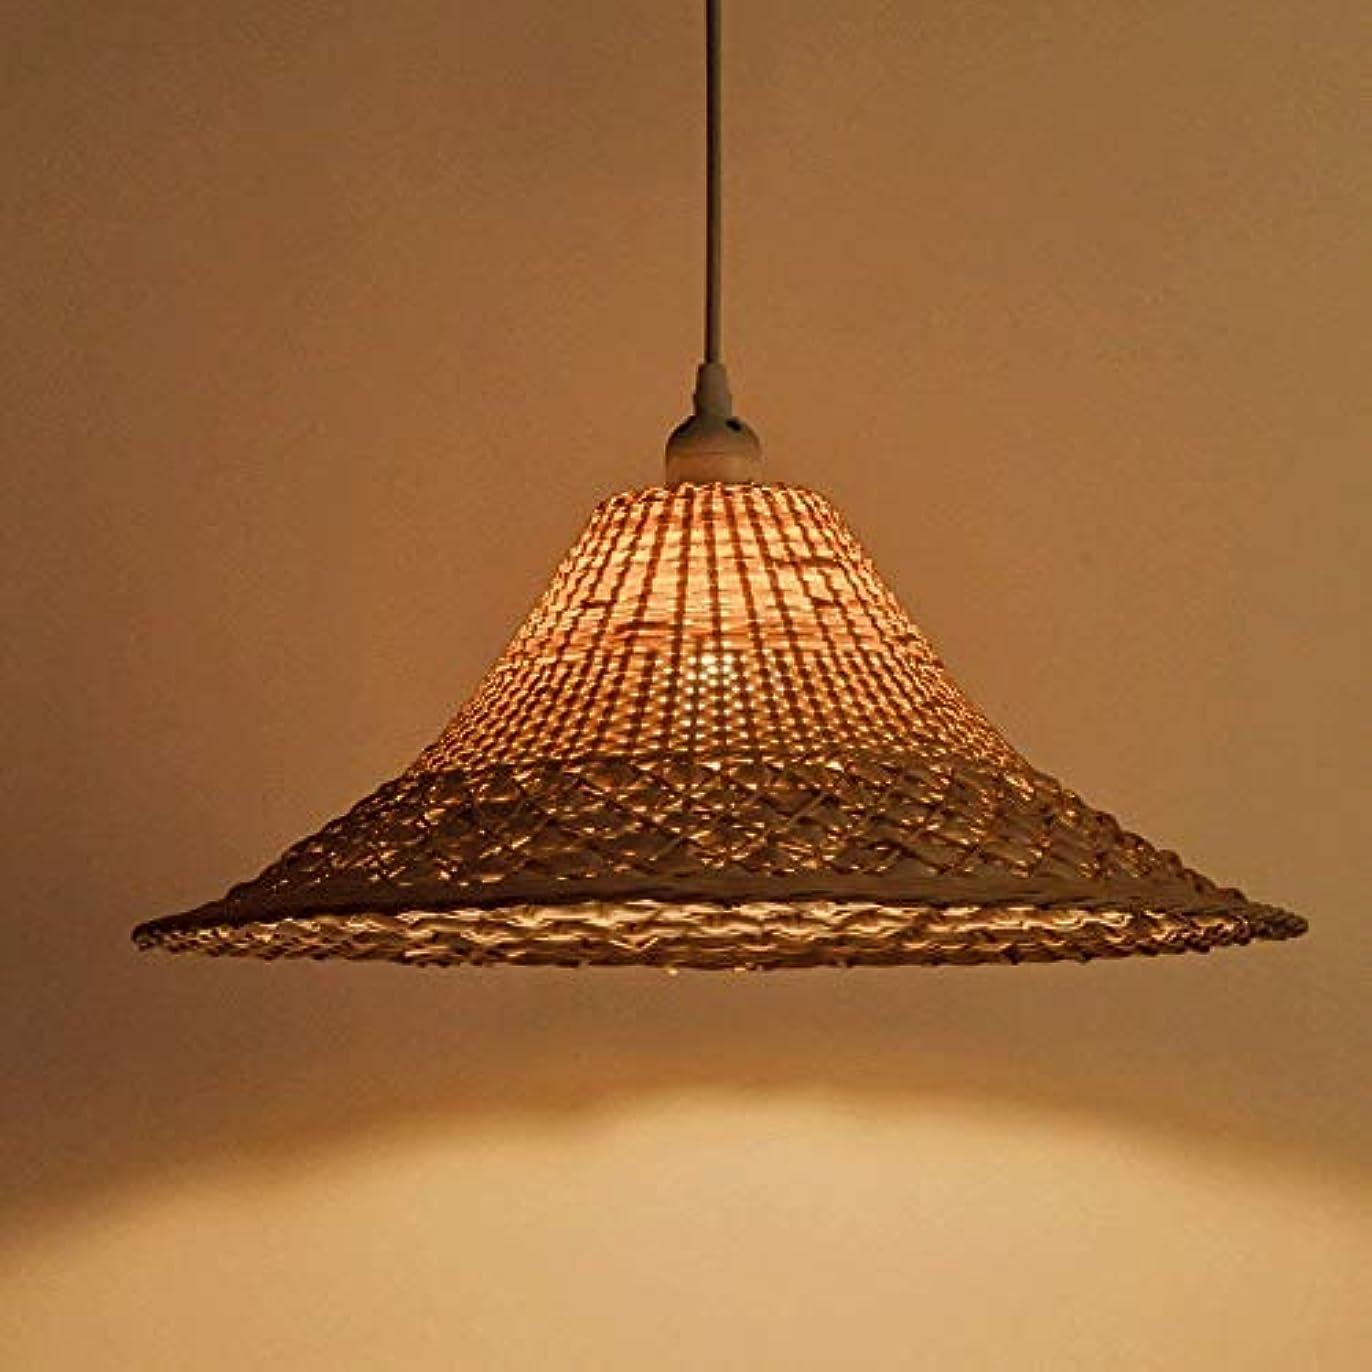 ミルク見かけ上密度ZXTクリエイティブな竹製のストロー帽子シャンデリアのシングルヘッドレトロ手織りの麦わら帽子のバーカフェレストランの装飾ランプ